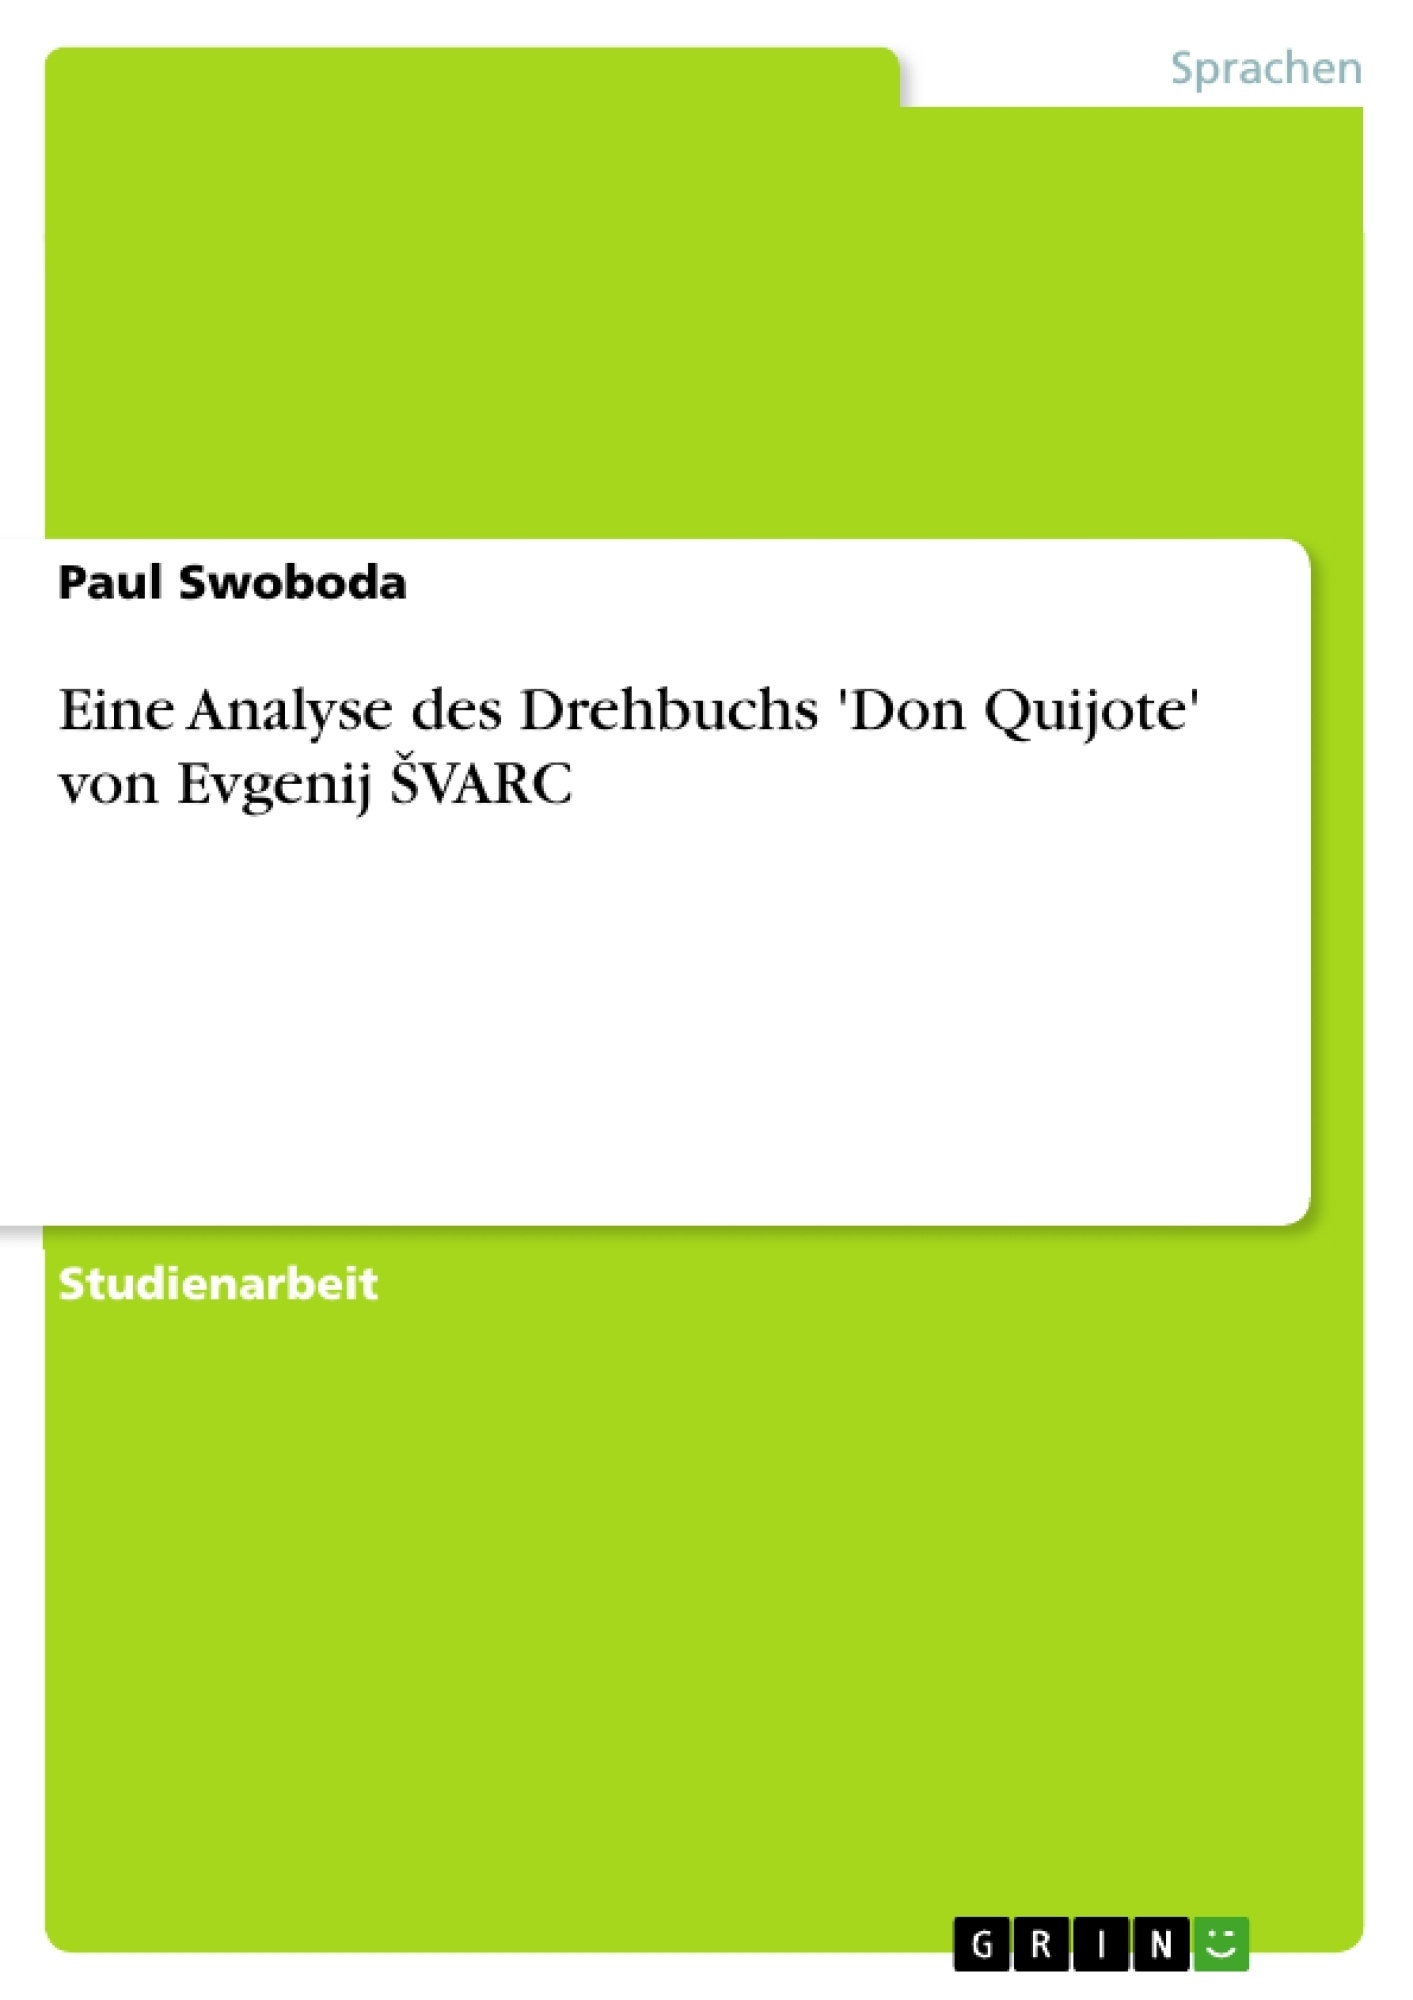 Titel: Eine Analyse des Drehbuchs 'Don Quijote' von Evgenij ŠVARC